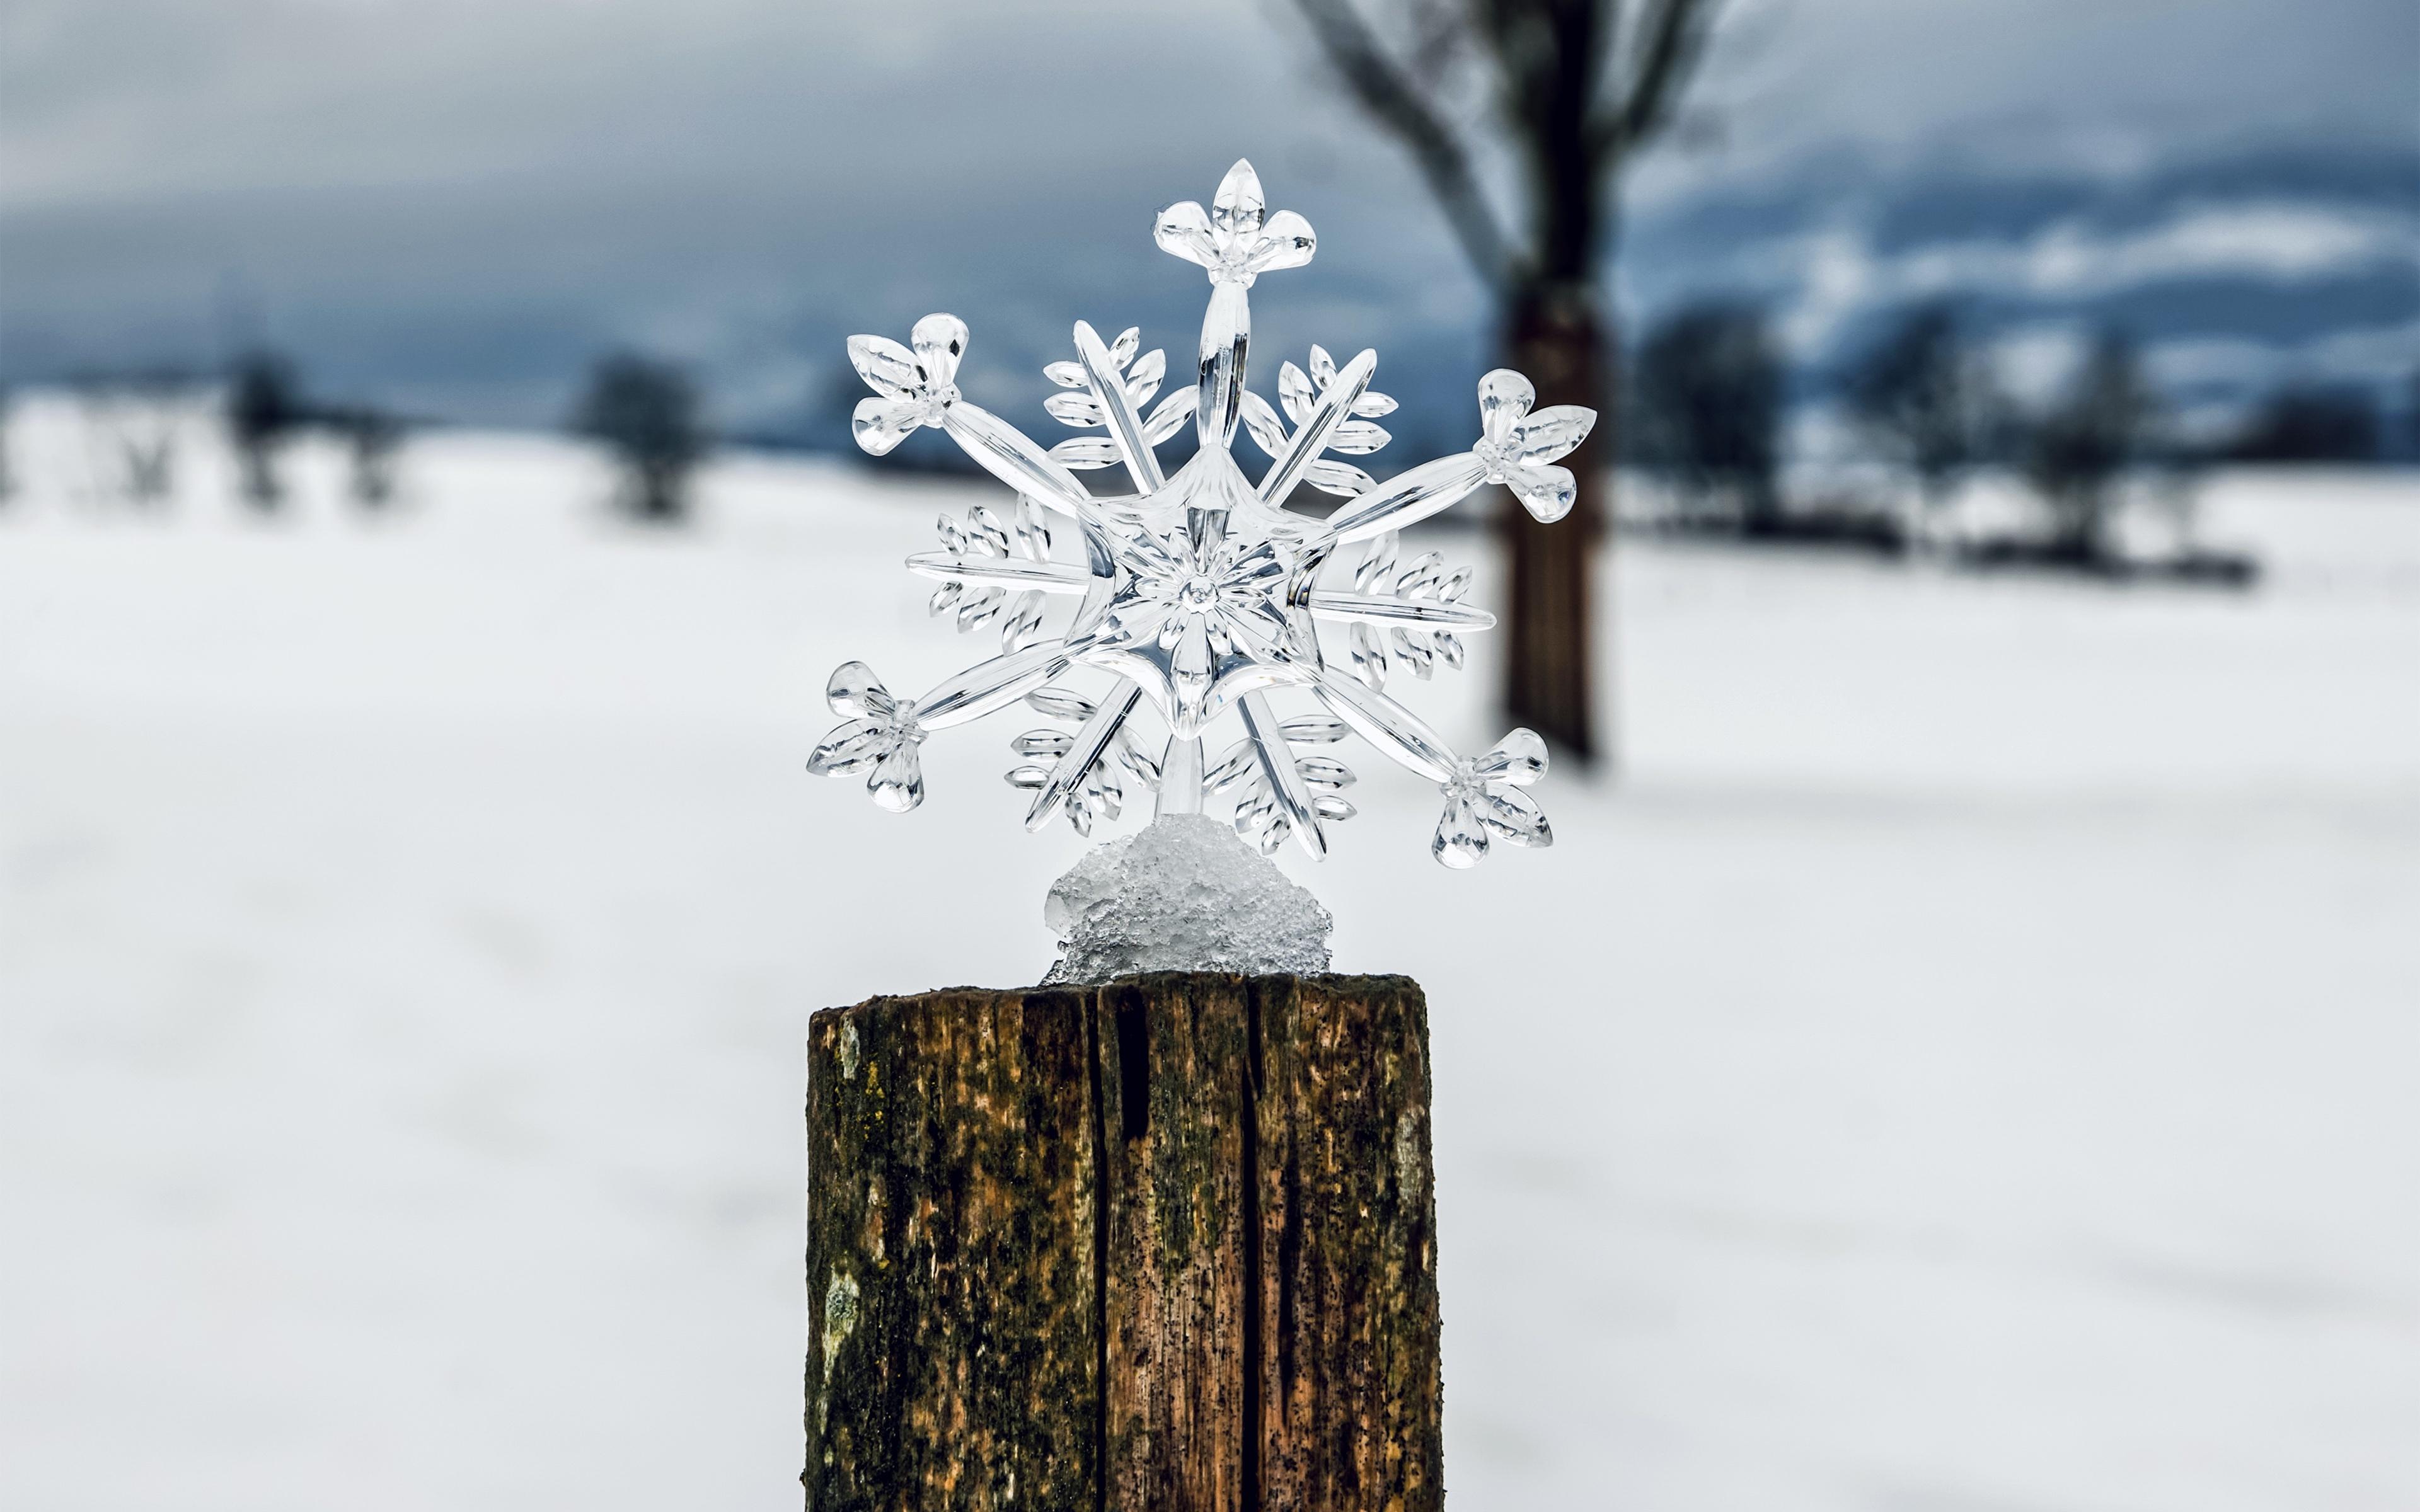 Фото боке Лед Зима Природа снежинка Пень 3840x2400 Размытый фон льда зимние Снежинки пне